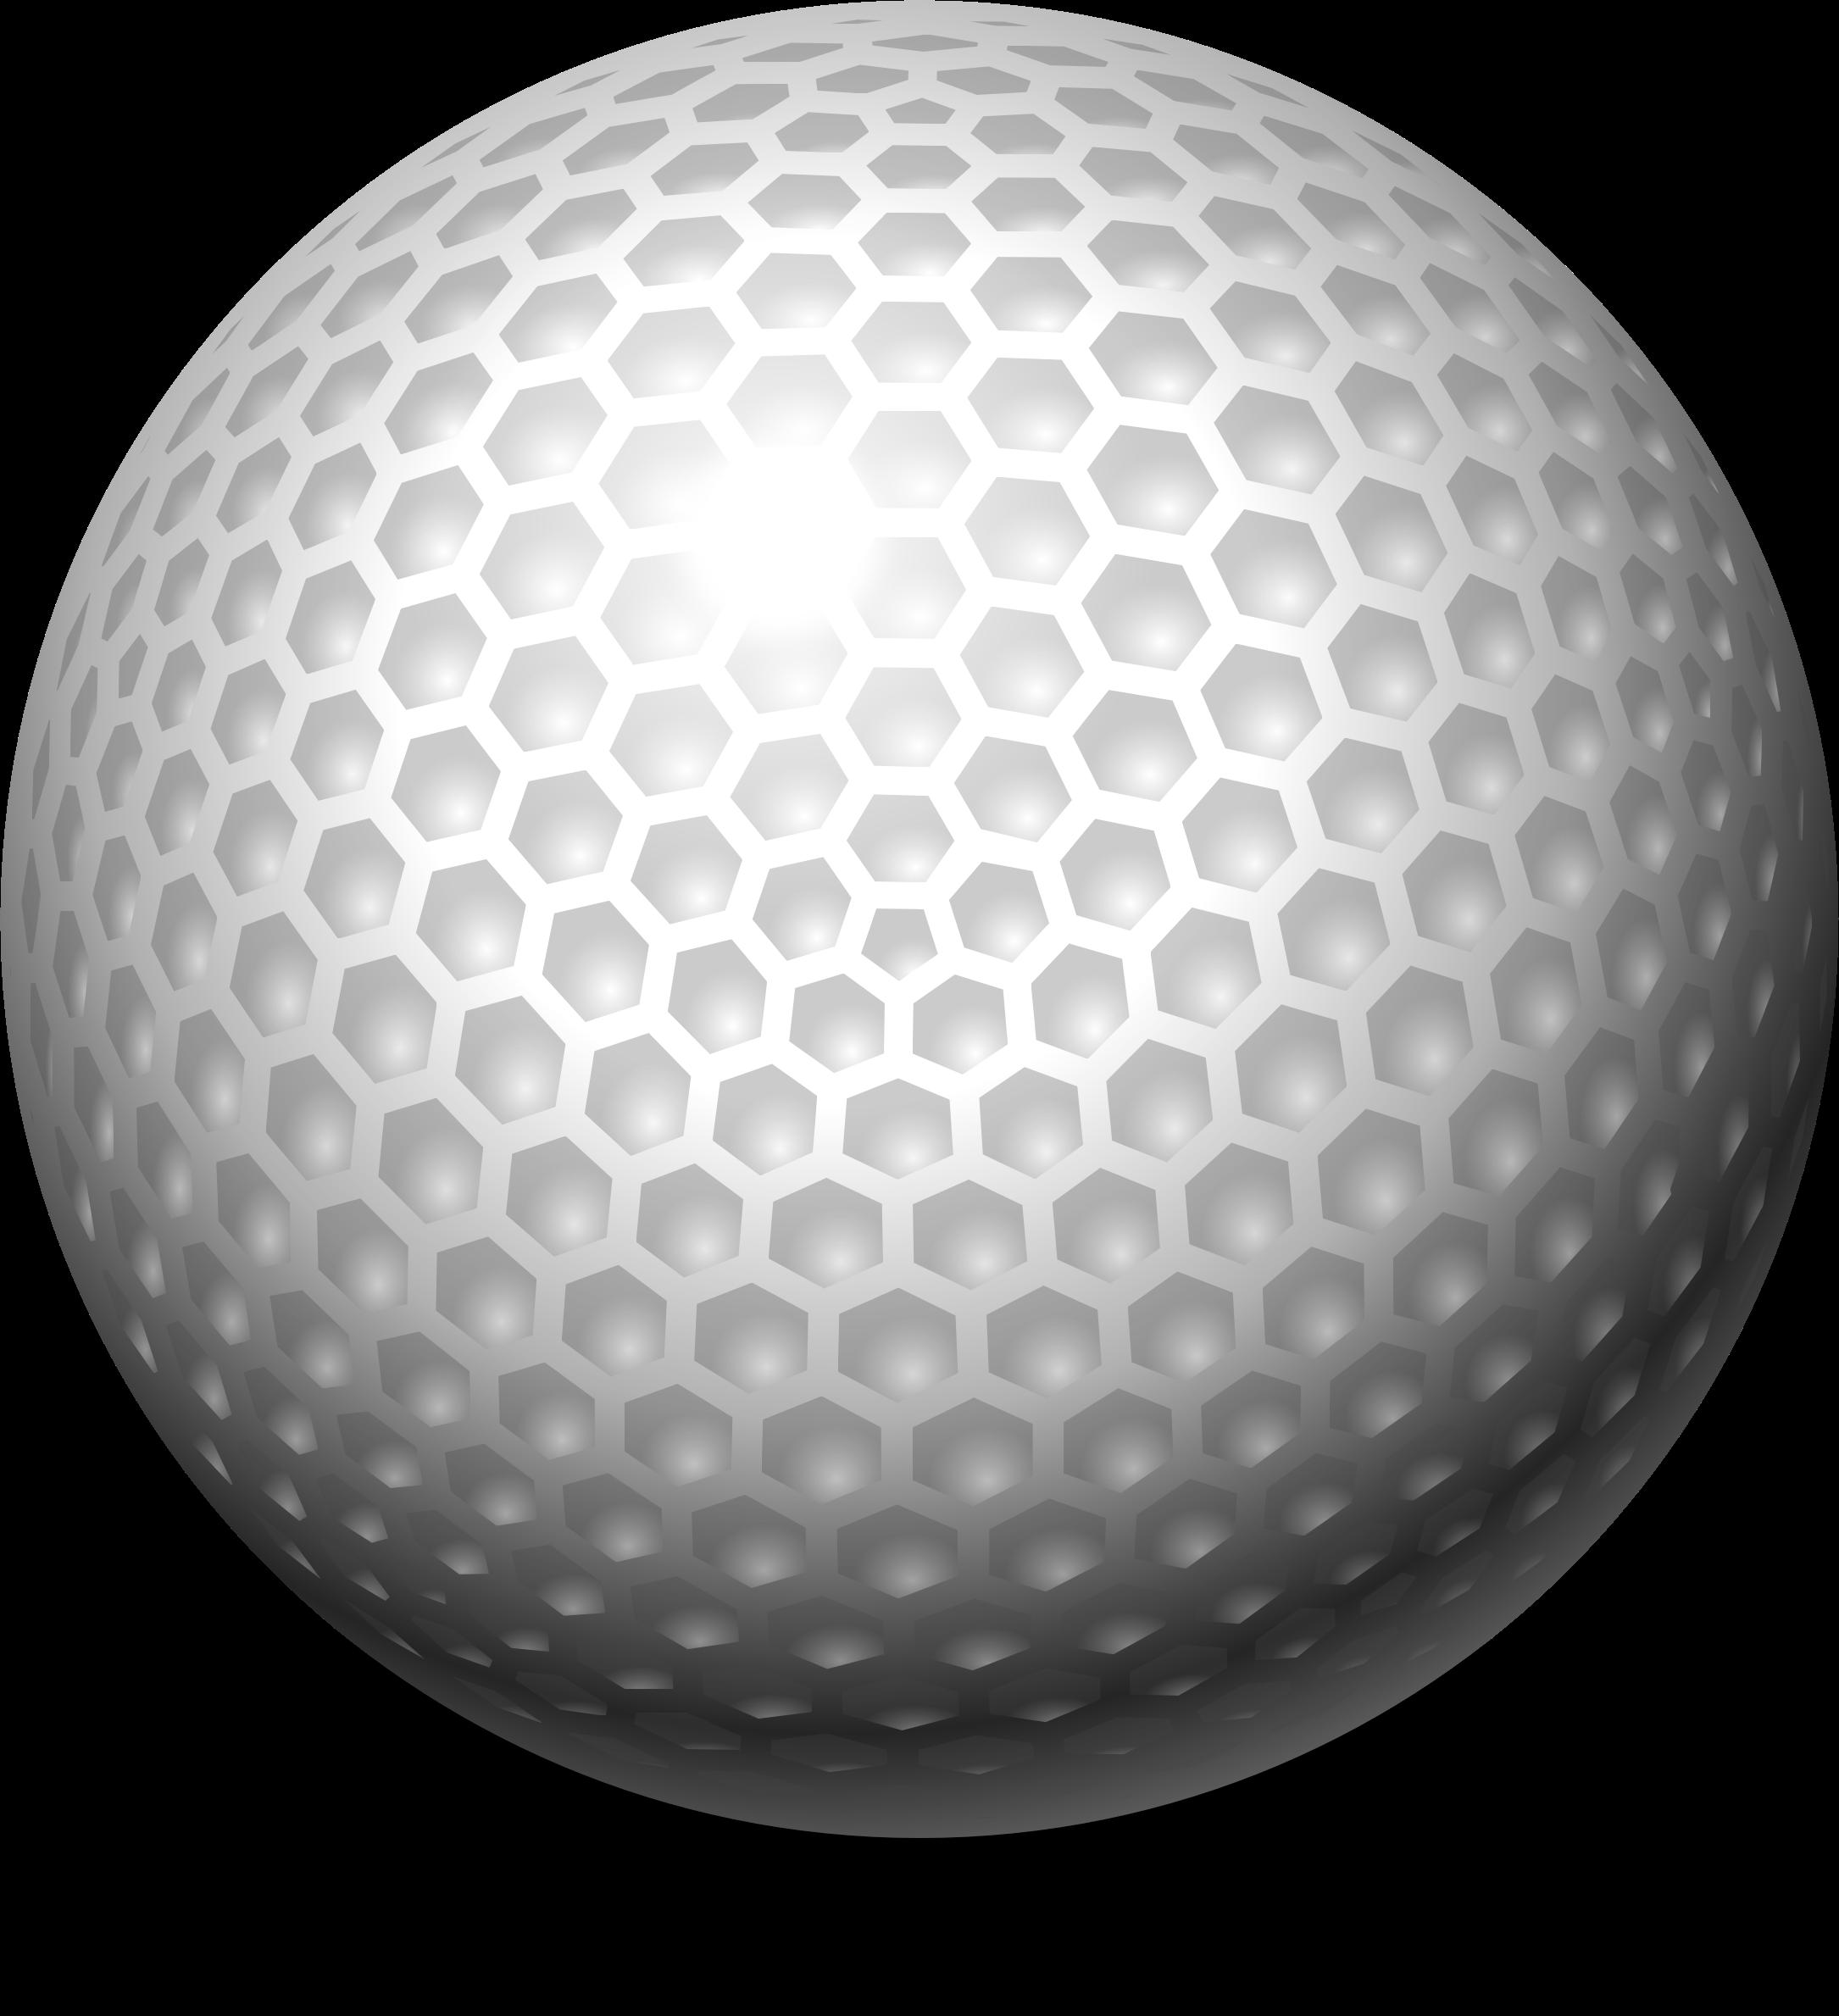 Golf Ball Clip Art